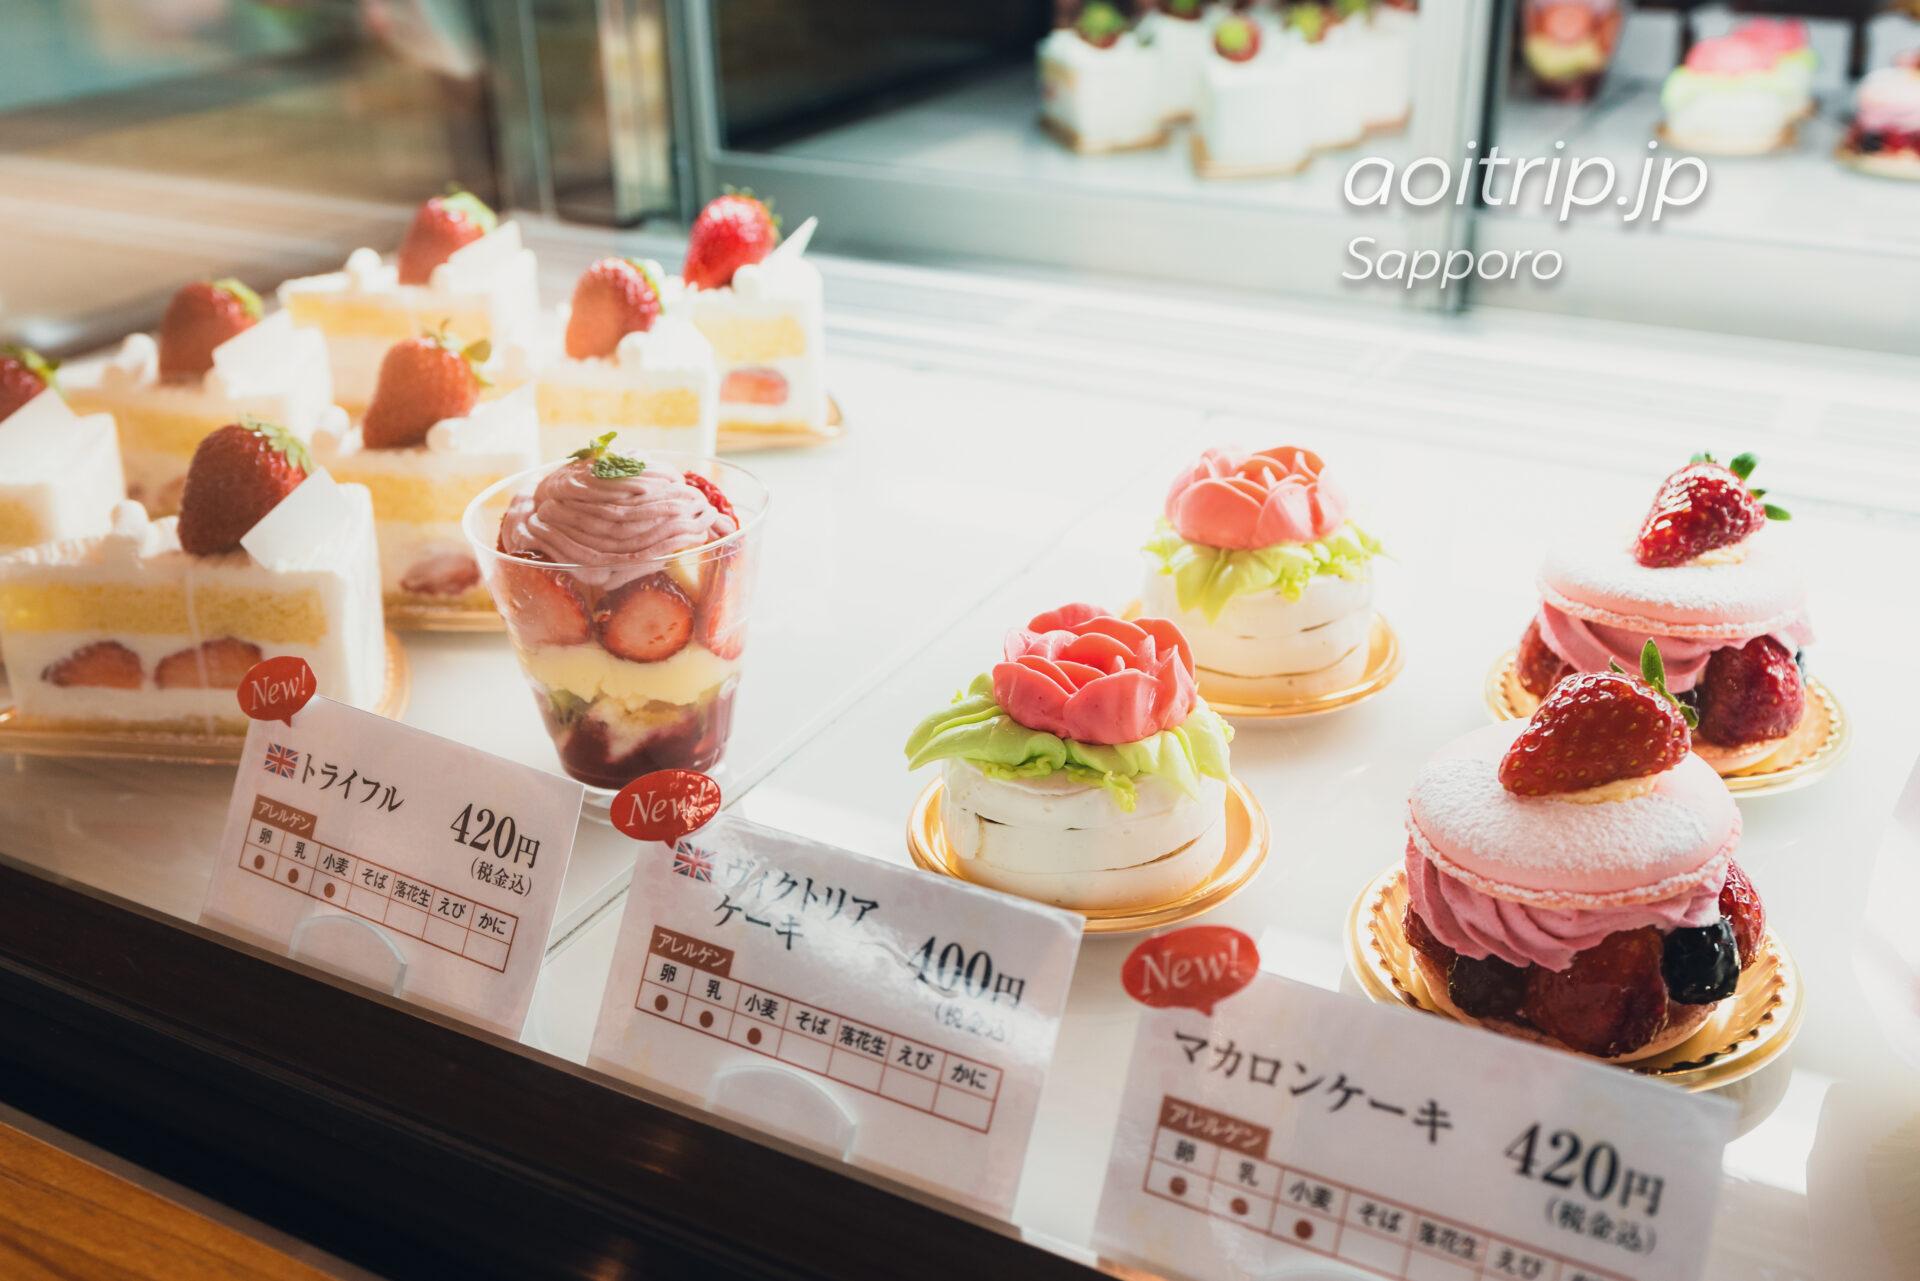 札幌パークホテルのホテルメイドスイーツ